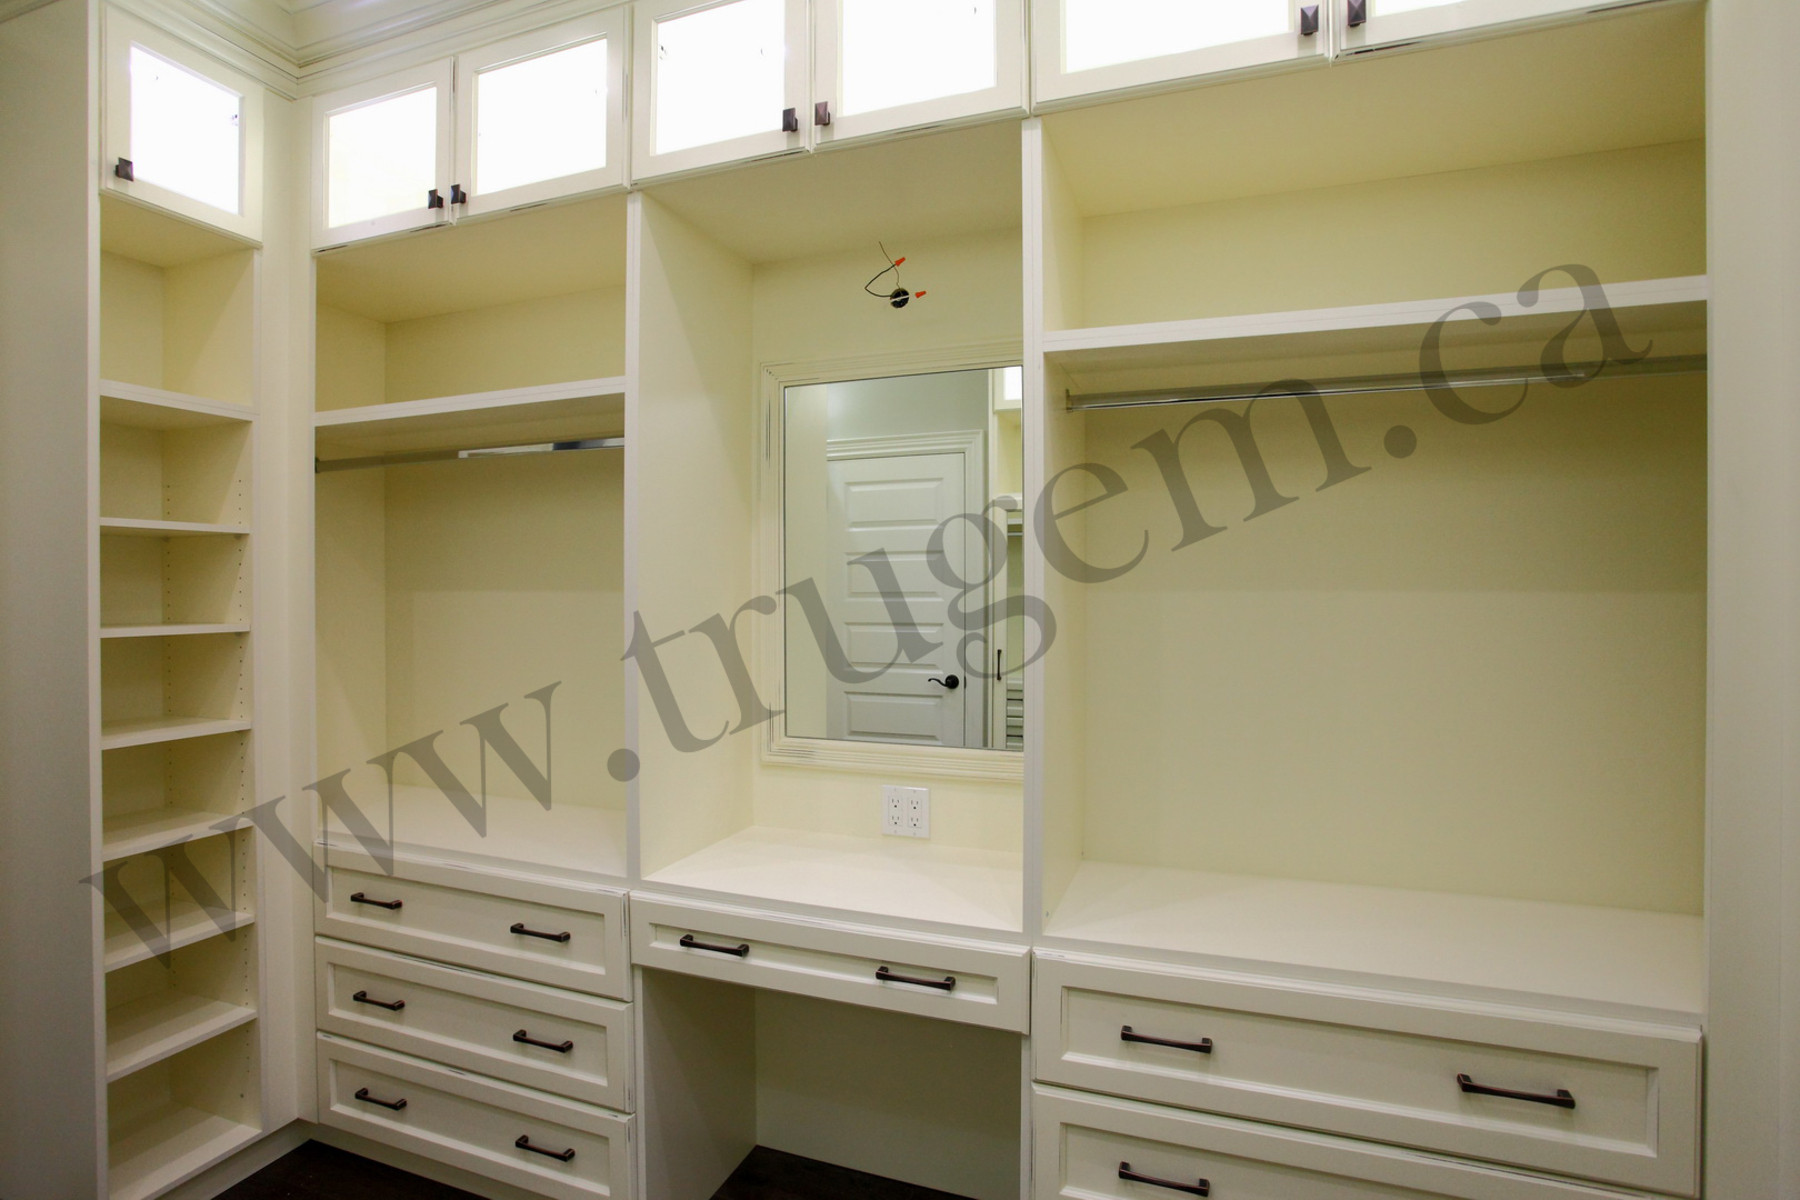 drawers & hanging closet organizer